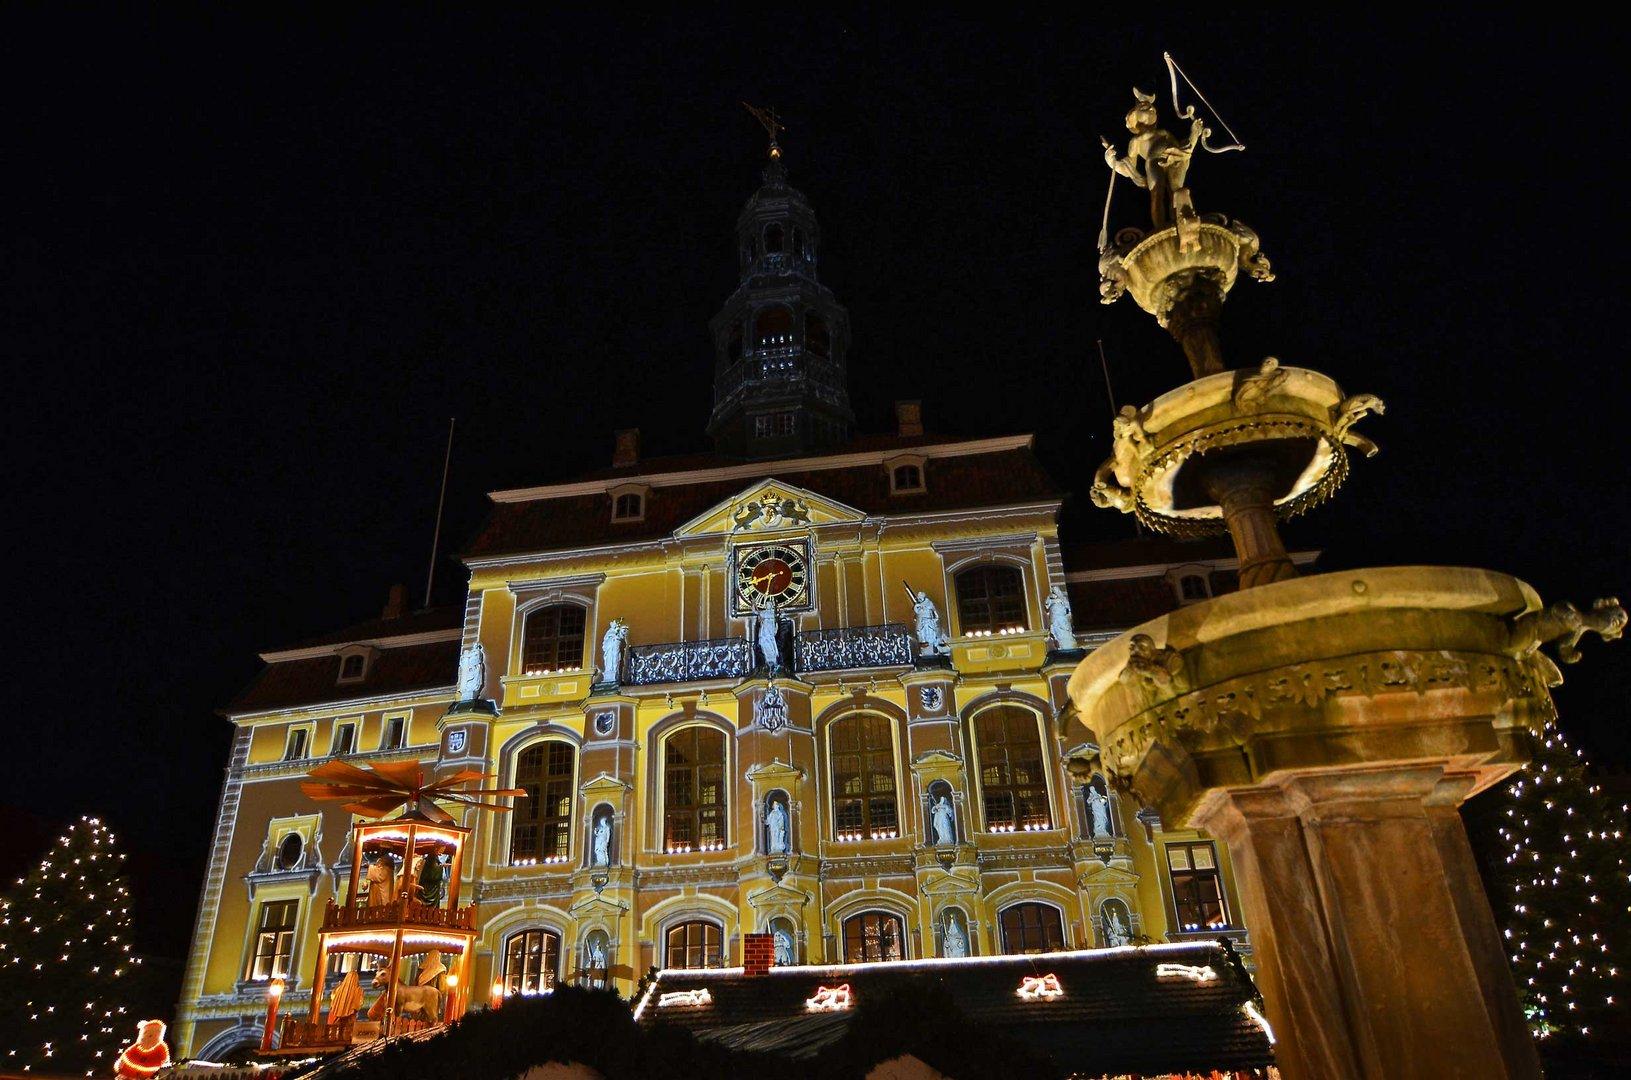 Weihnachten in Lüneburg